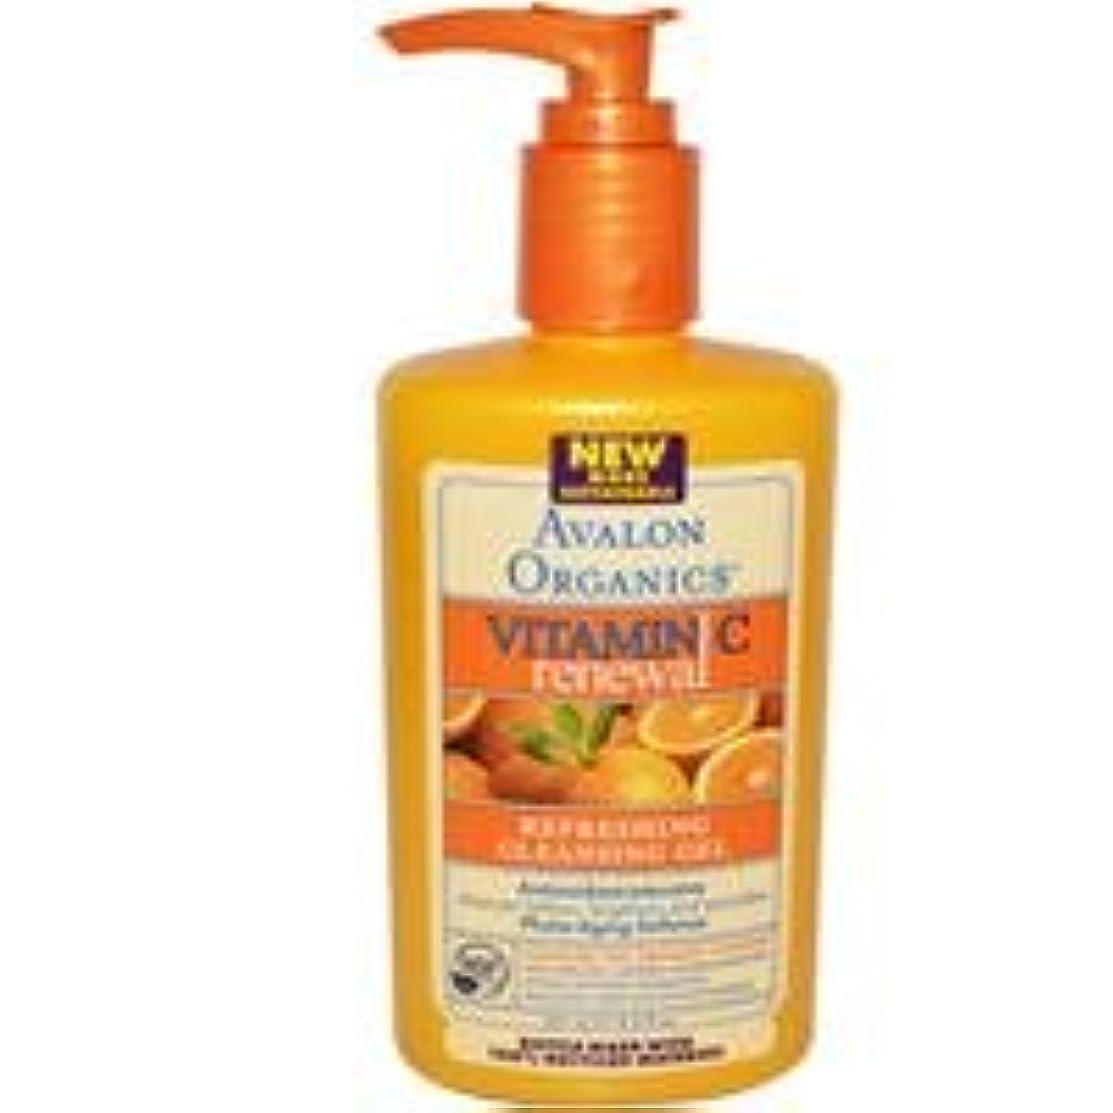 投資する冒険悪名高い[海外直送品] アバロンオーガニック(Avalon Organics)    ビタミンC クレンジング ジェル 251ml